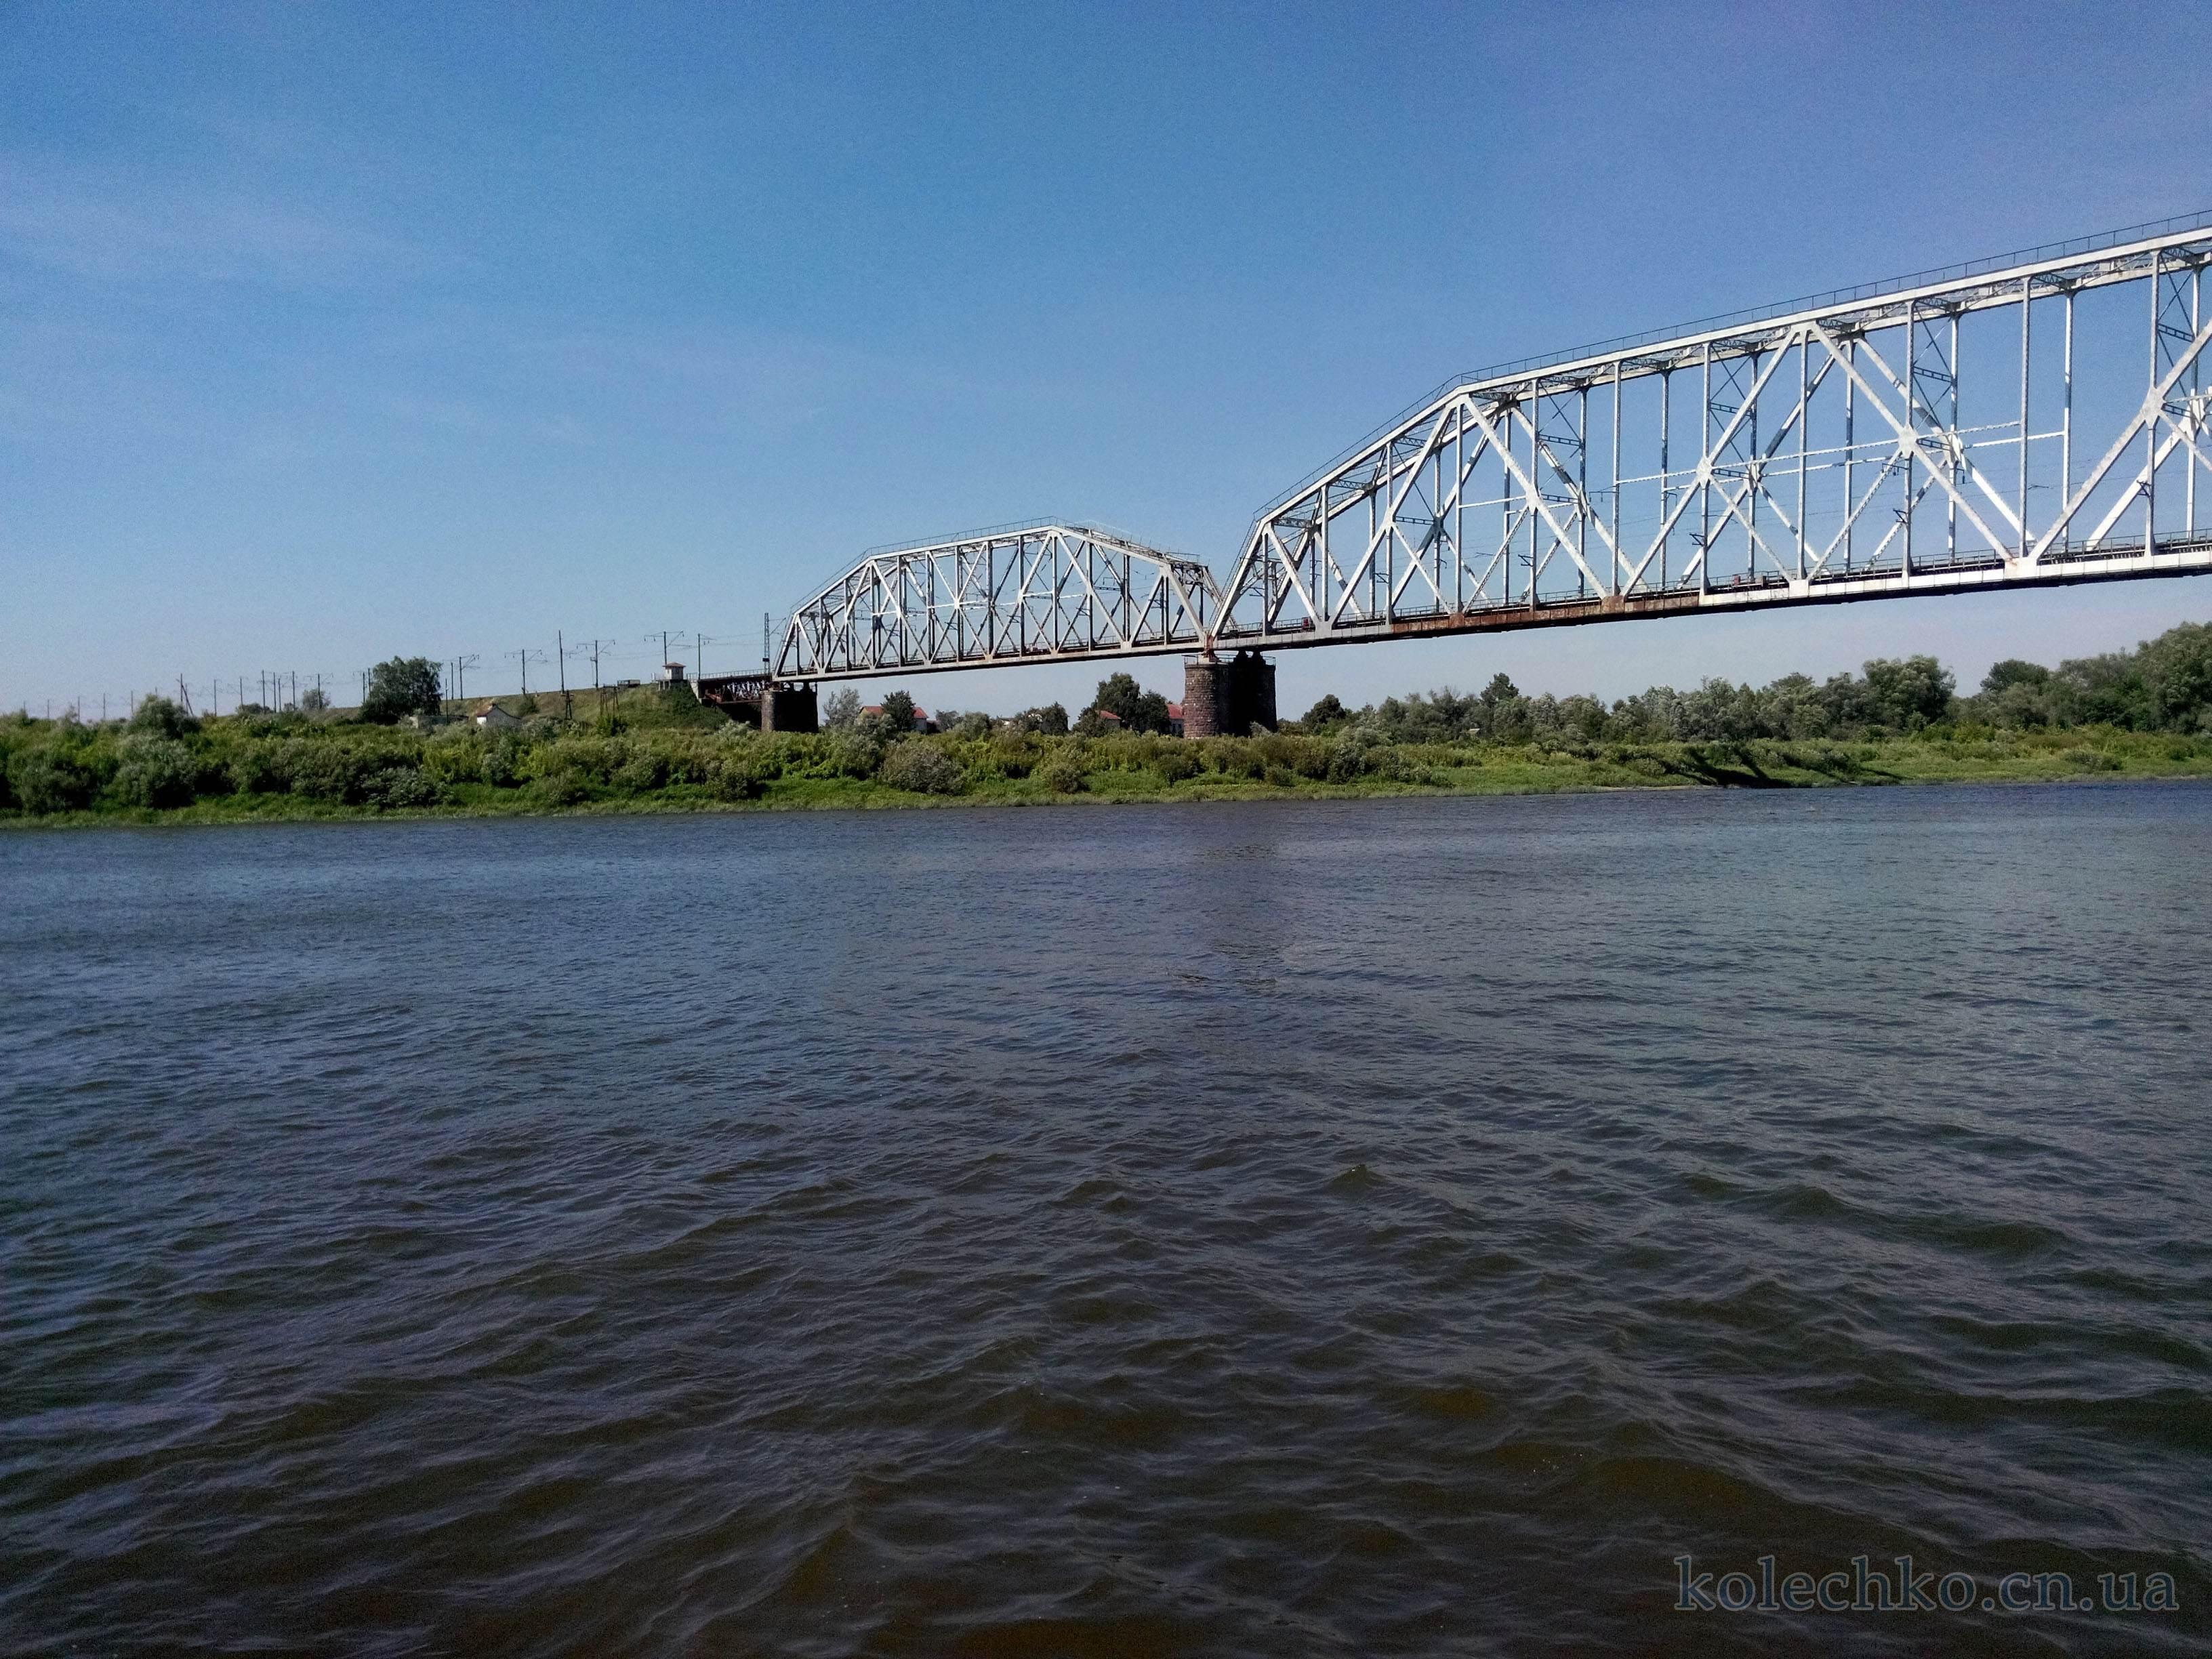 железнодорожный мост на реке Десна, город Чернигов